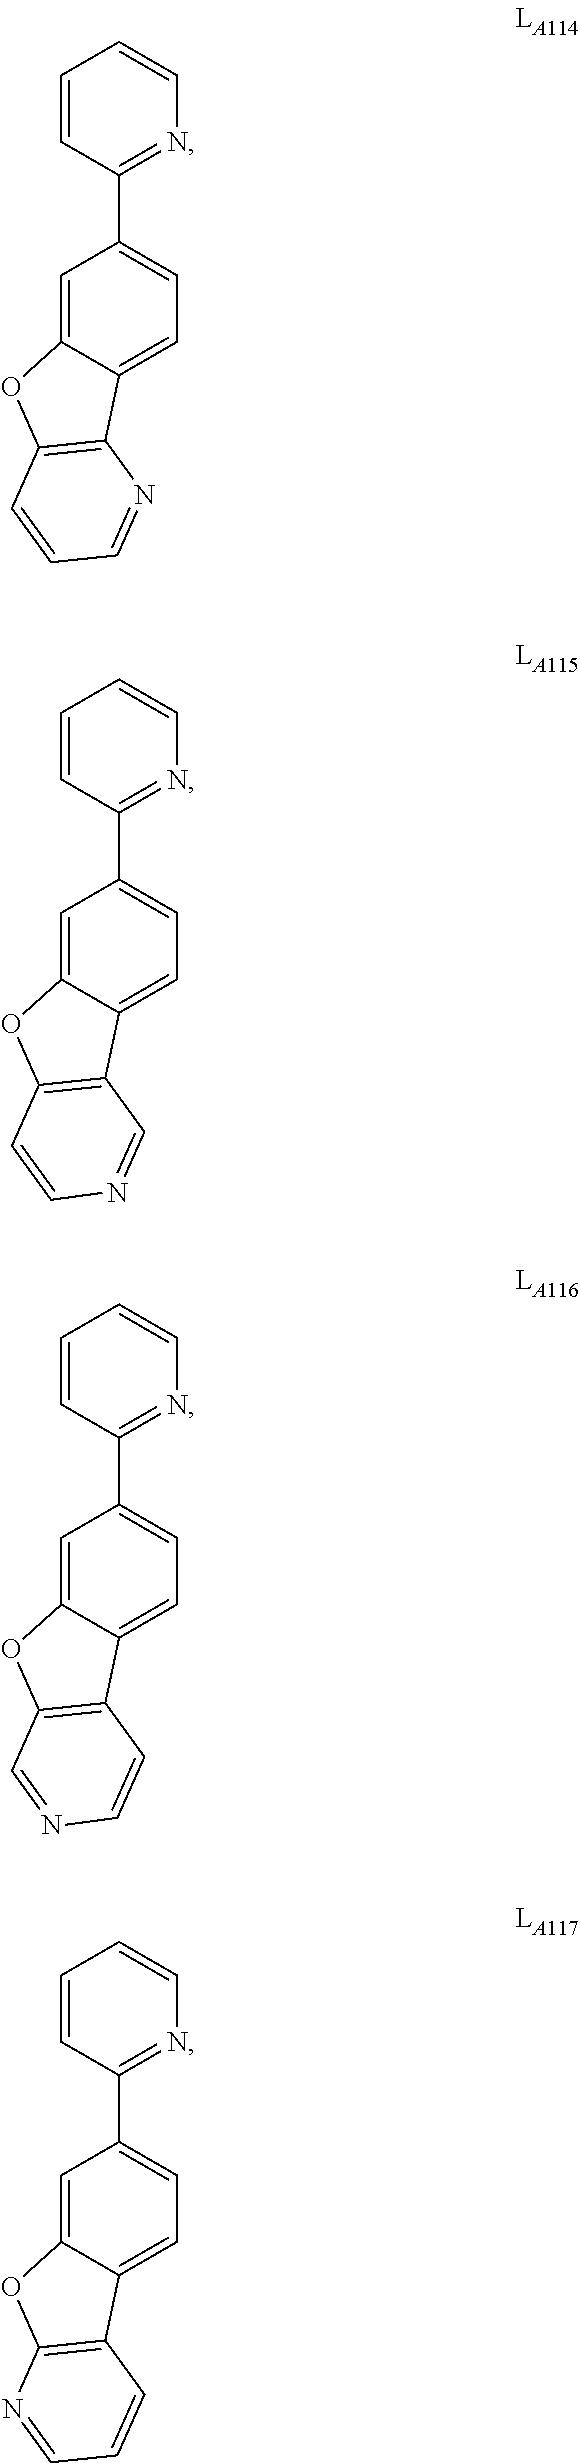 Figure US09634264-20170425-C00076